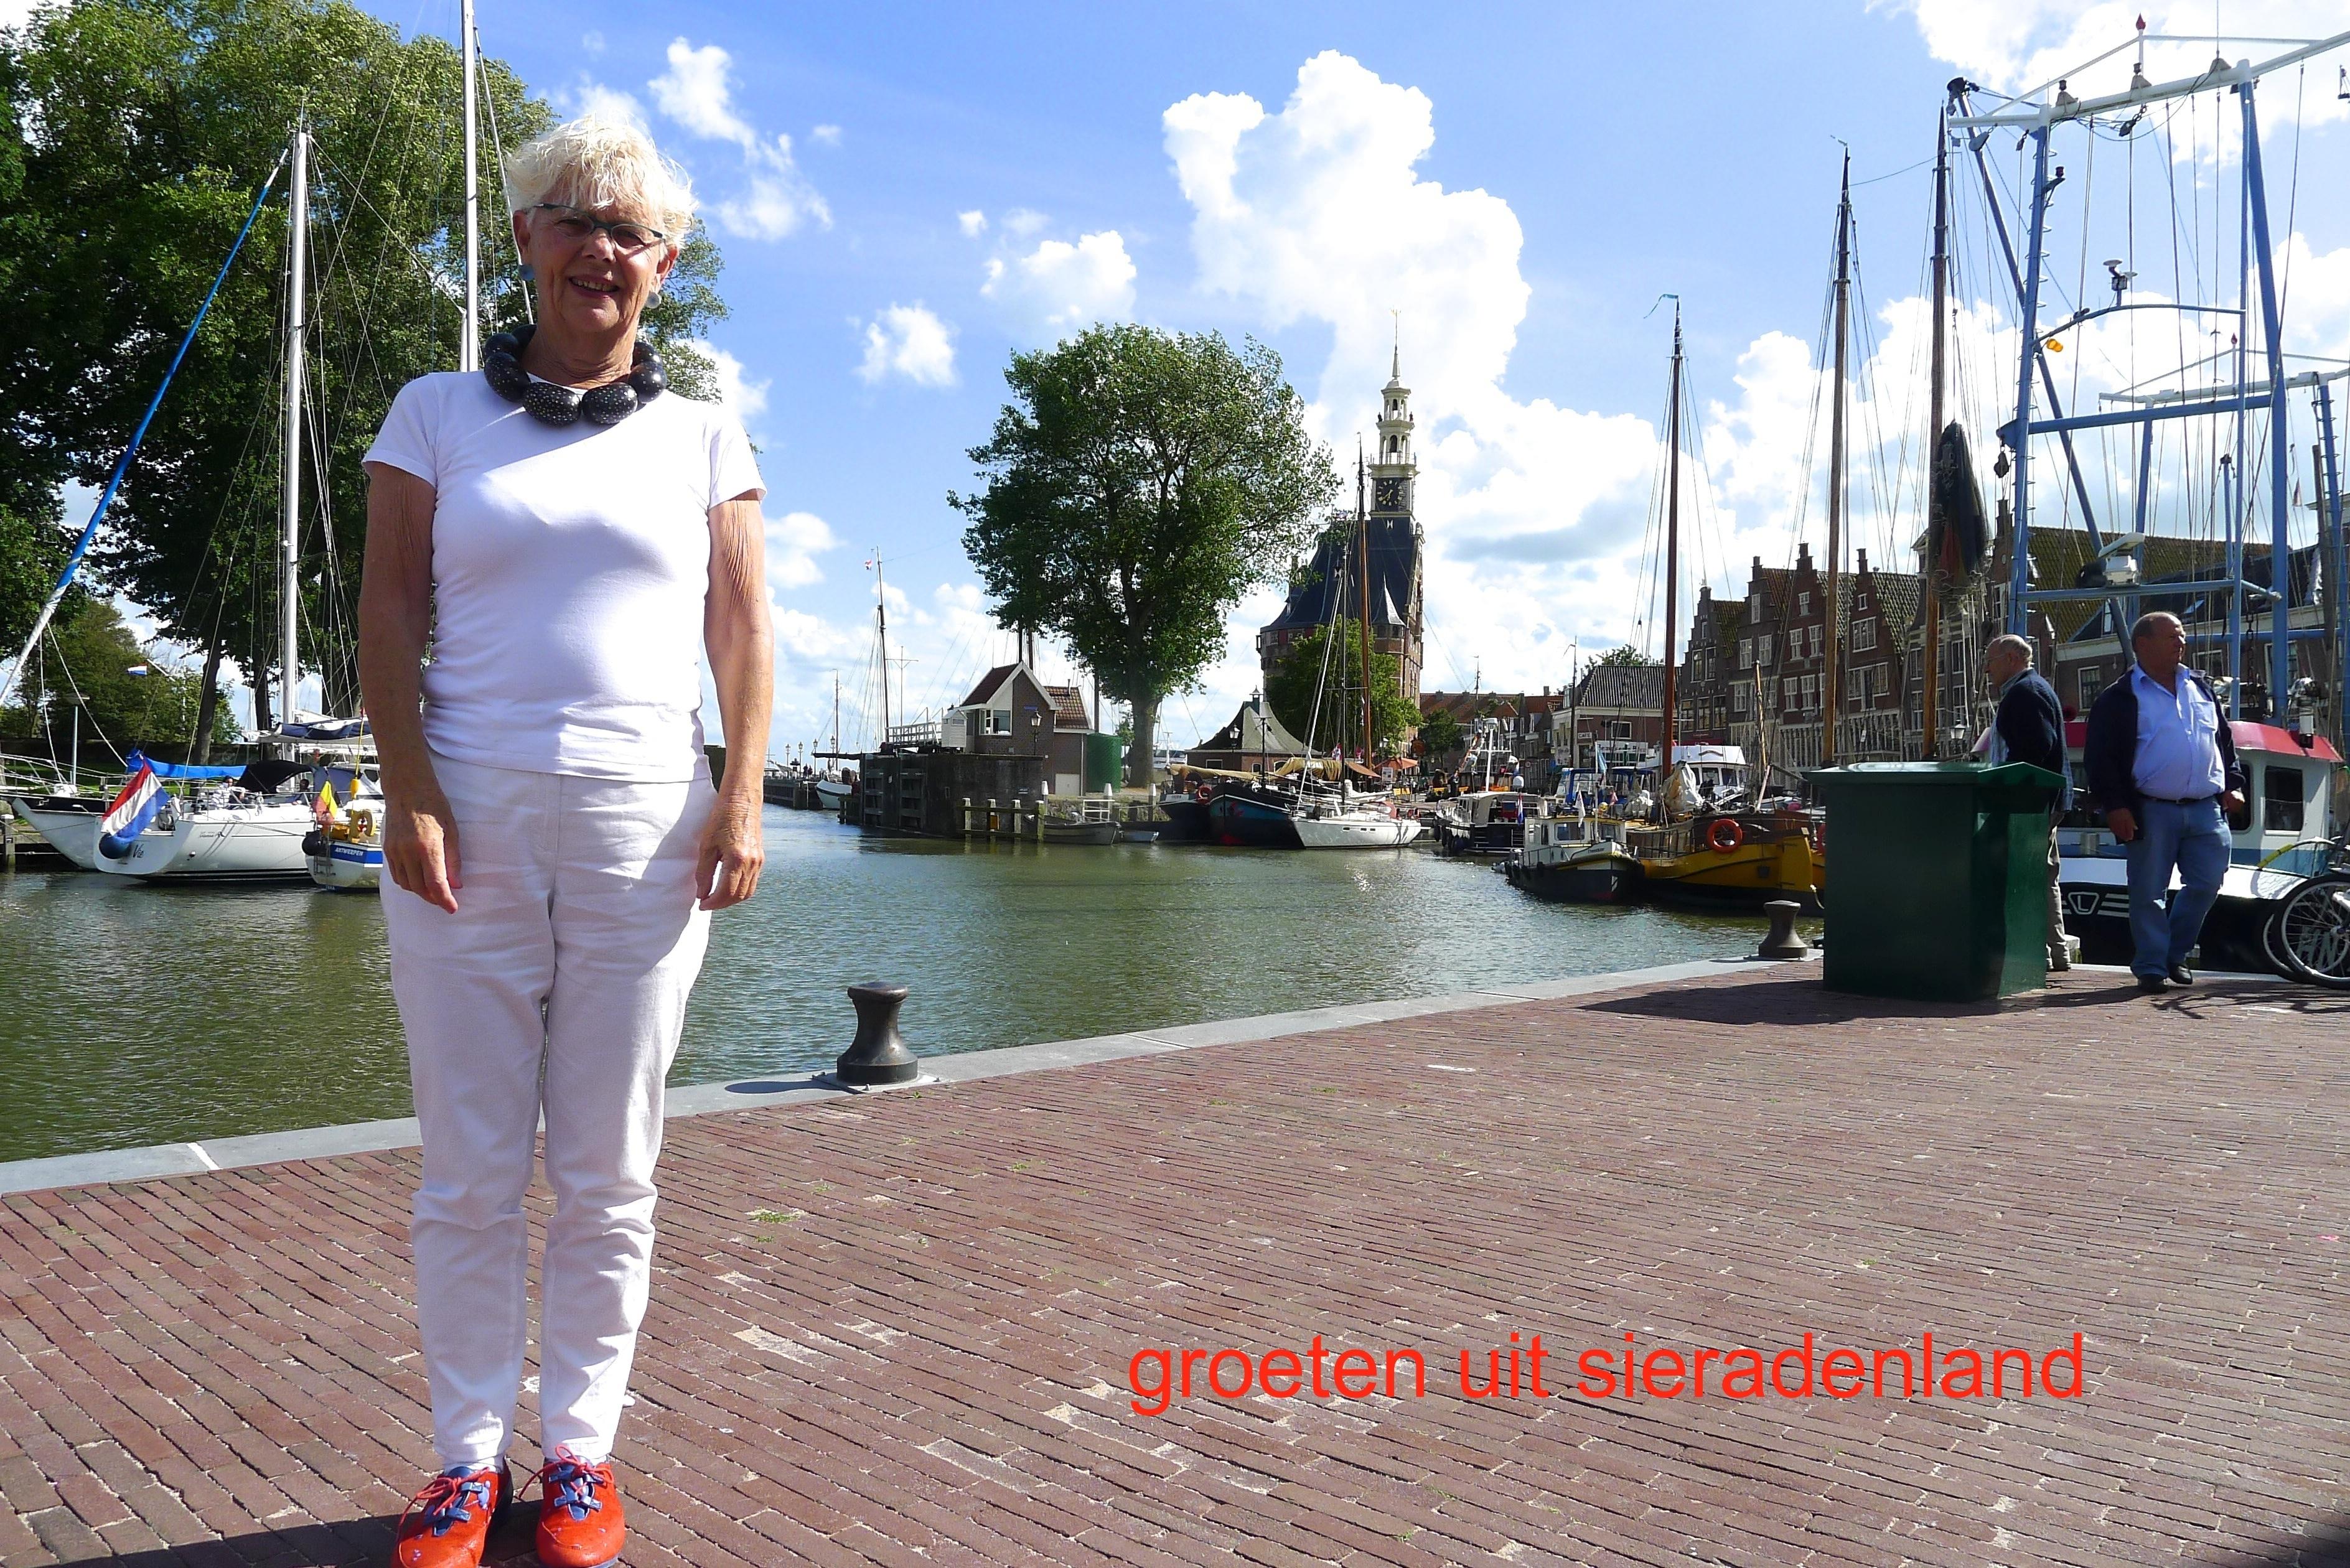 Claartje Keur, Zelfportret met halssieraad van Hans Hovy, Hoorn, Oude haven, 30 juli 2012. Foto Claartje Keur